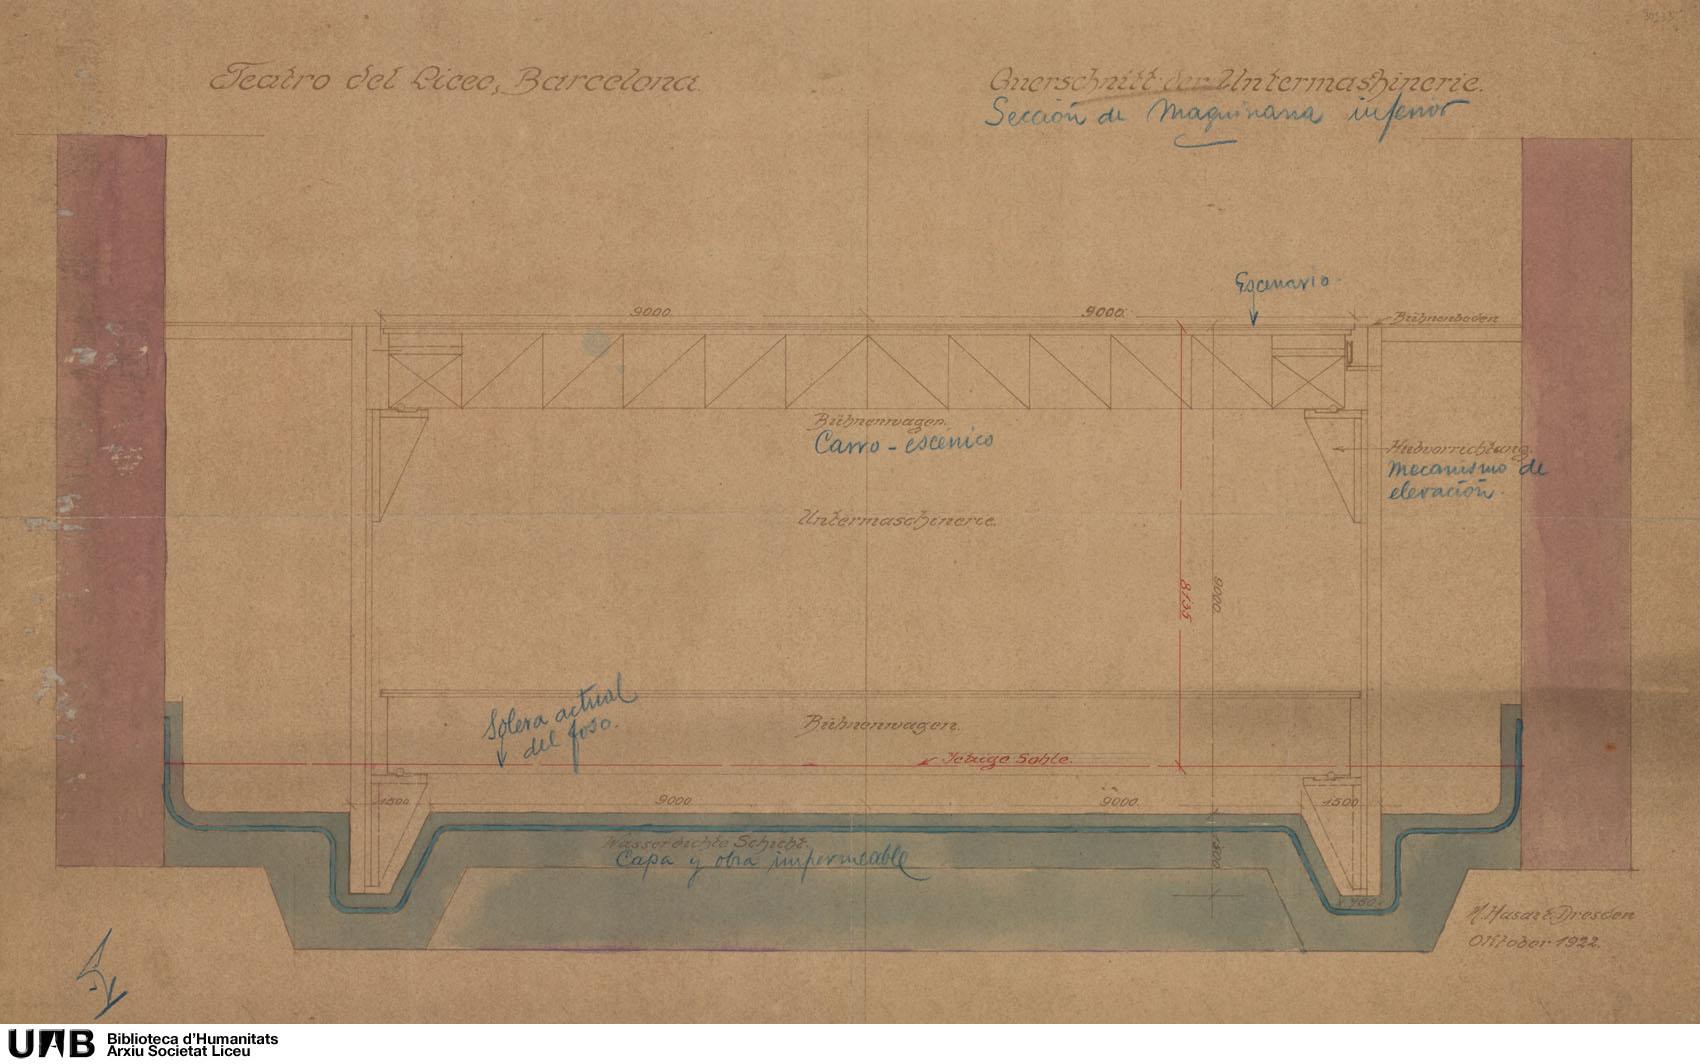 Plànols de maquinària escènica : Secció de maquinària inferior